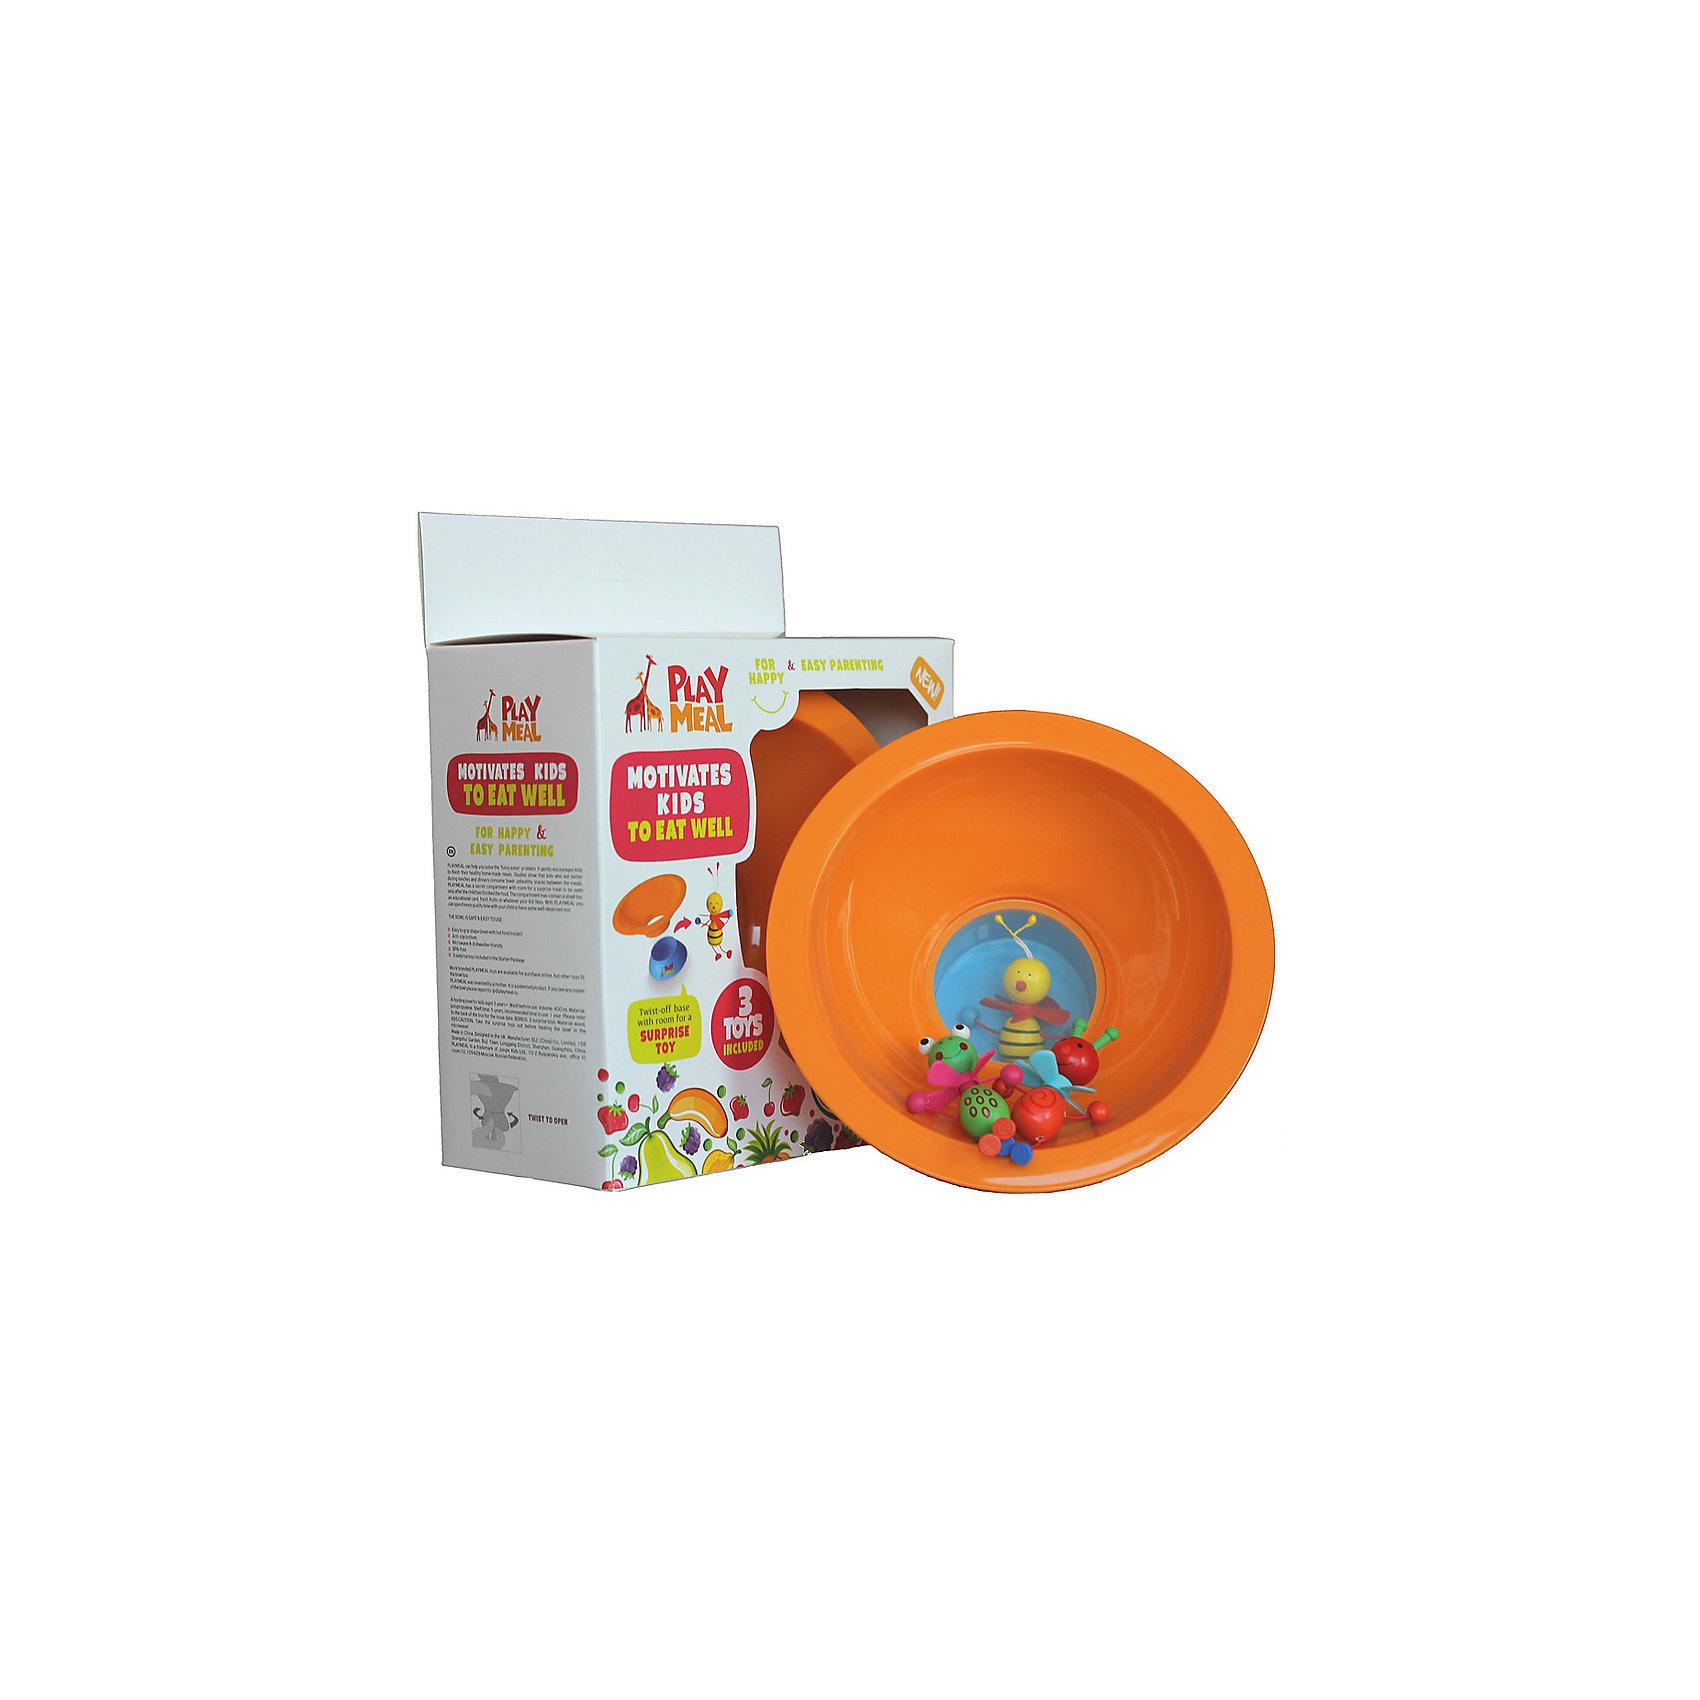 Тарелка+ 3 деревянные игрушки Букашки, PLAYMEALТарелка+ 3 деревянные игрушки Букашки – это прекрасное решение для детишек, которые малоежки! Тарелка PLAYMEAL + 3 деревянные игрушки в красивой подарочной упаковке. У тарелки есть прозрачное дно и потайной отсек для сюрприза. Ребенок может увидеть сюрприз только тогда, когда все съест! Можно использовать свои игрушки, если они подходят по размеру. Размер отсека для сюрприза: диаметр - 61 мм, высота - 34 мм. Это может быть как игрушка, так, и какая-нибудь вкусняшка  (мармелад или печенье) - любой сюрприз, которым Вы хотите порадовать малыша. Тарелка PlayMeal — это разработка молодой мамы. Тарелка призвана в мягкой игровой форме поможет приучить ребенка к здоровой еде.<br><br>Дополнительная информация: <br><br>- материал: сертифицированный пищевой пластик.<br> - подходит для посудомоечной машины и микроволновой печи  <br>- нескользящее силиконовое покрытие дна уже по достоинству оценили множество мам и пап разных стран, попробуйте  и Вы!<br><br>Тарелку+ 3 деревянные игрушки Букашки, Playmeal  можно купить в нашем интернет-магазине.<br><br>Ширина мм: 250<br>Глубина мм: 150<br>Высота мм: 150<br>Вес г: 150<br>Возраст от месяцев: -2147483648<br>Возраст до месяцев: 2147483647<br>Пол: Унисекс<br>Возраст: Детский<br>SKU: 4801613